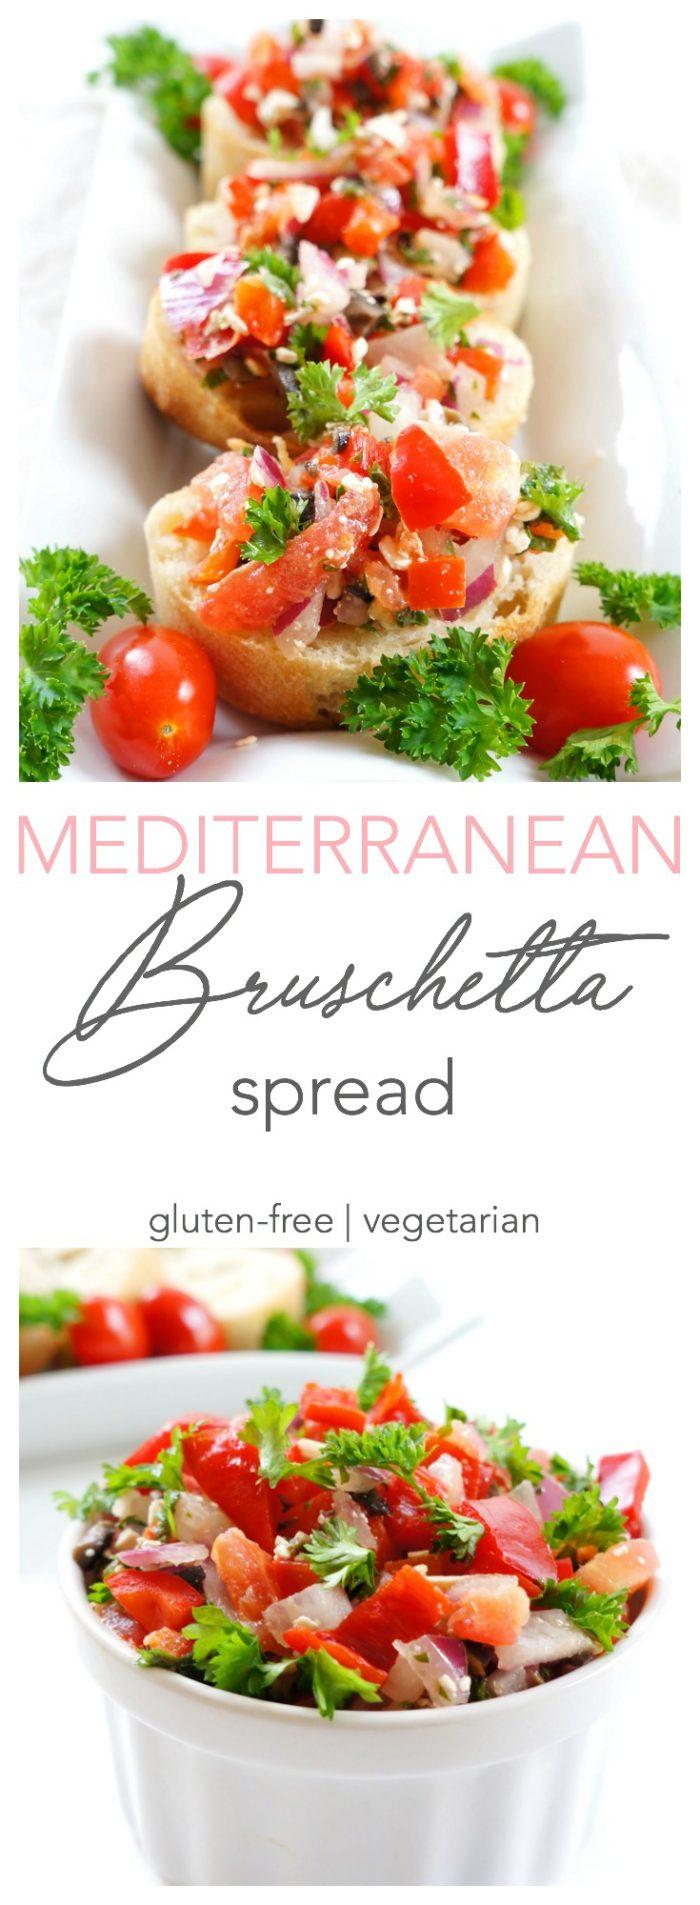 Mediterranean Bruschetta Spread